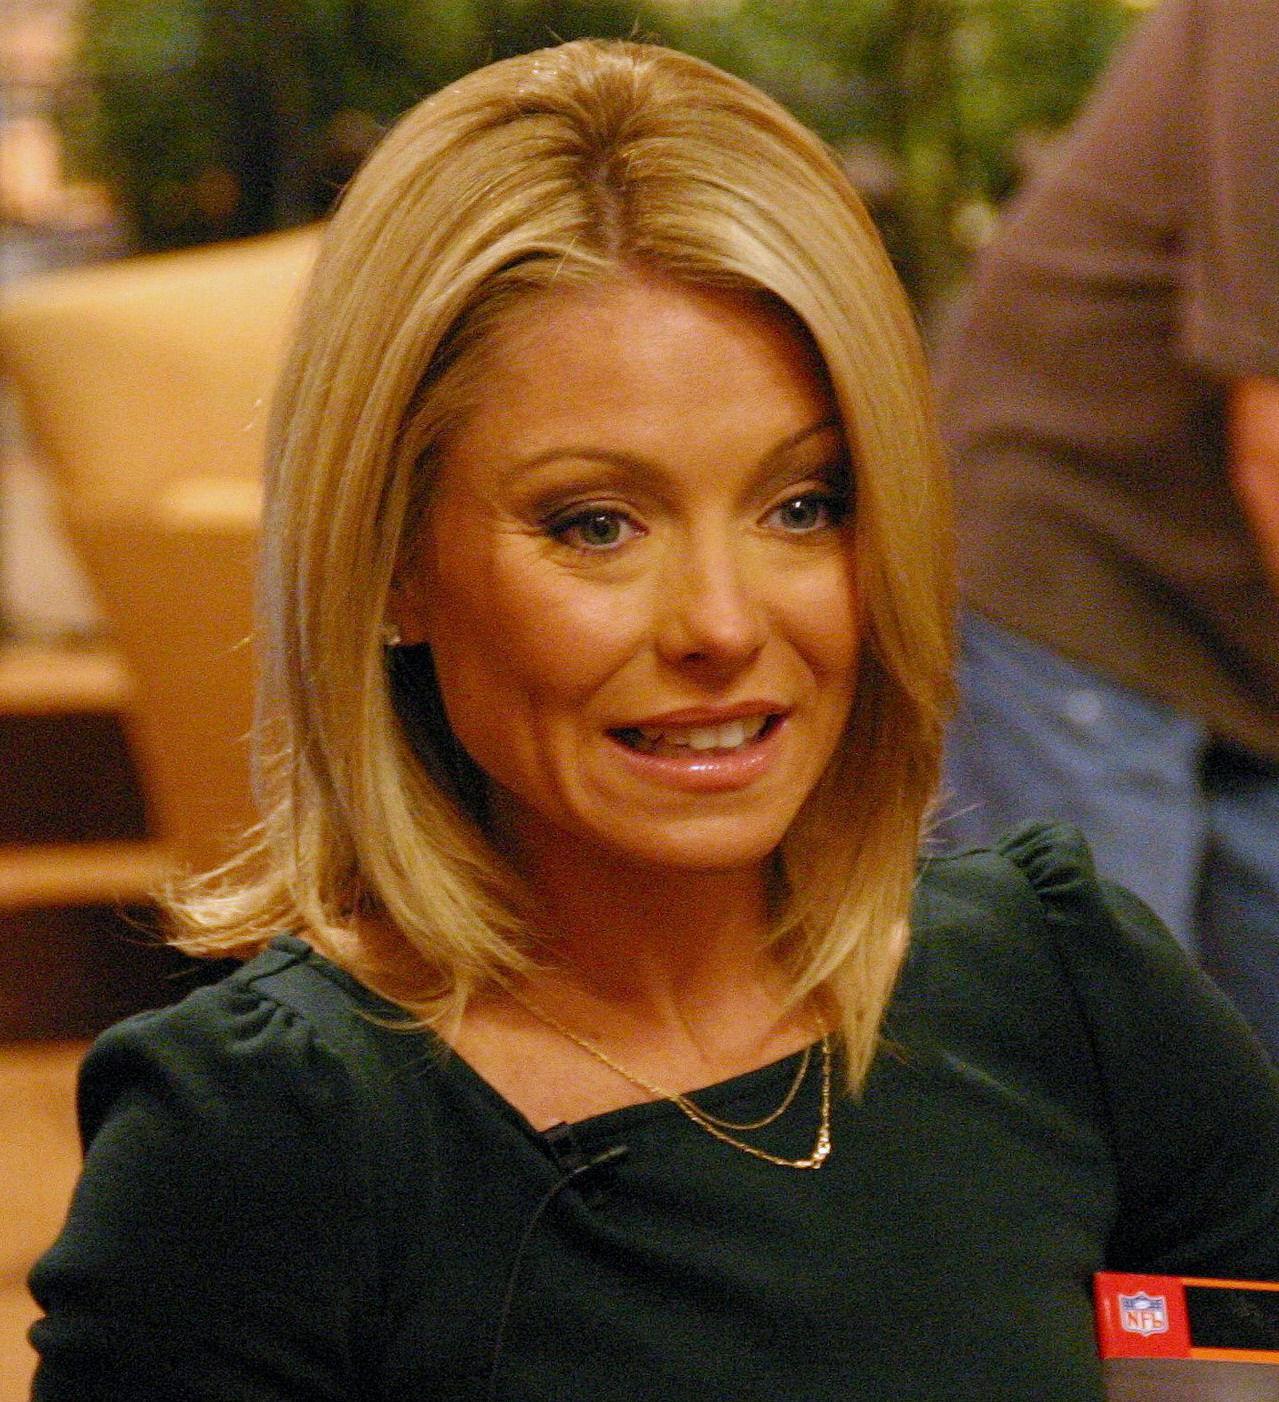 Photo of Kelly Ripa: Actress, talk show host